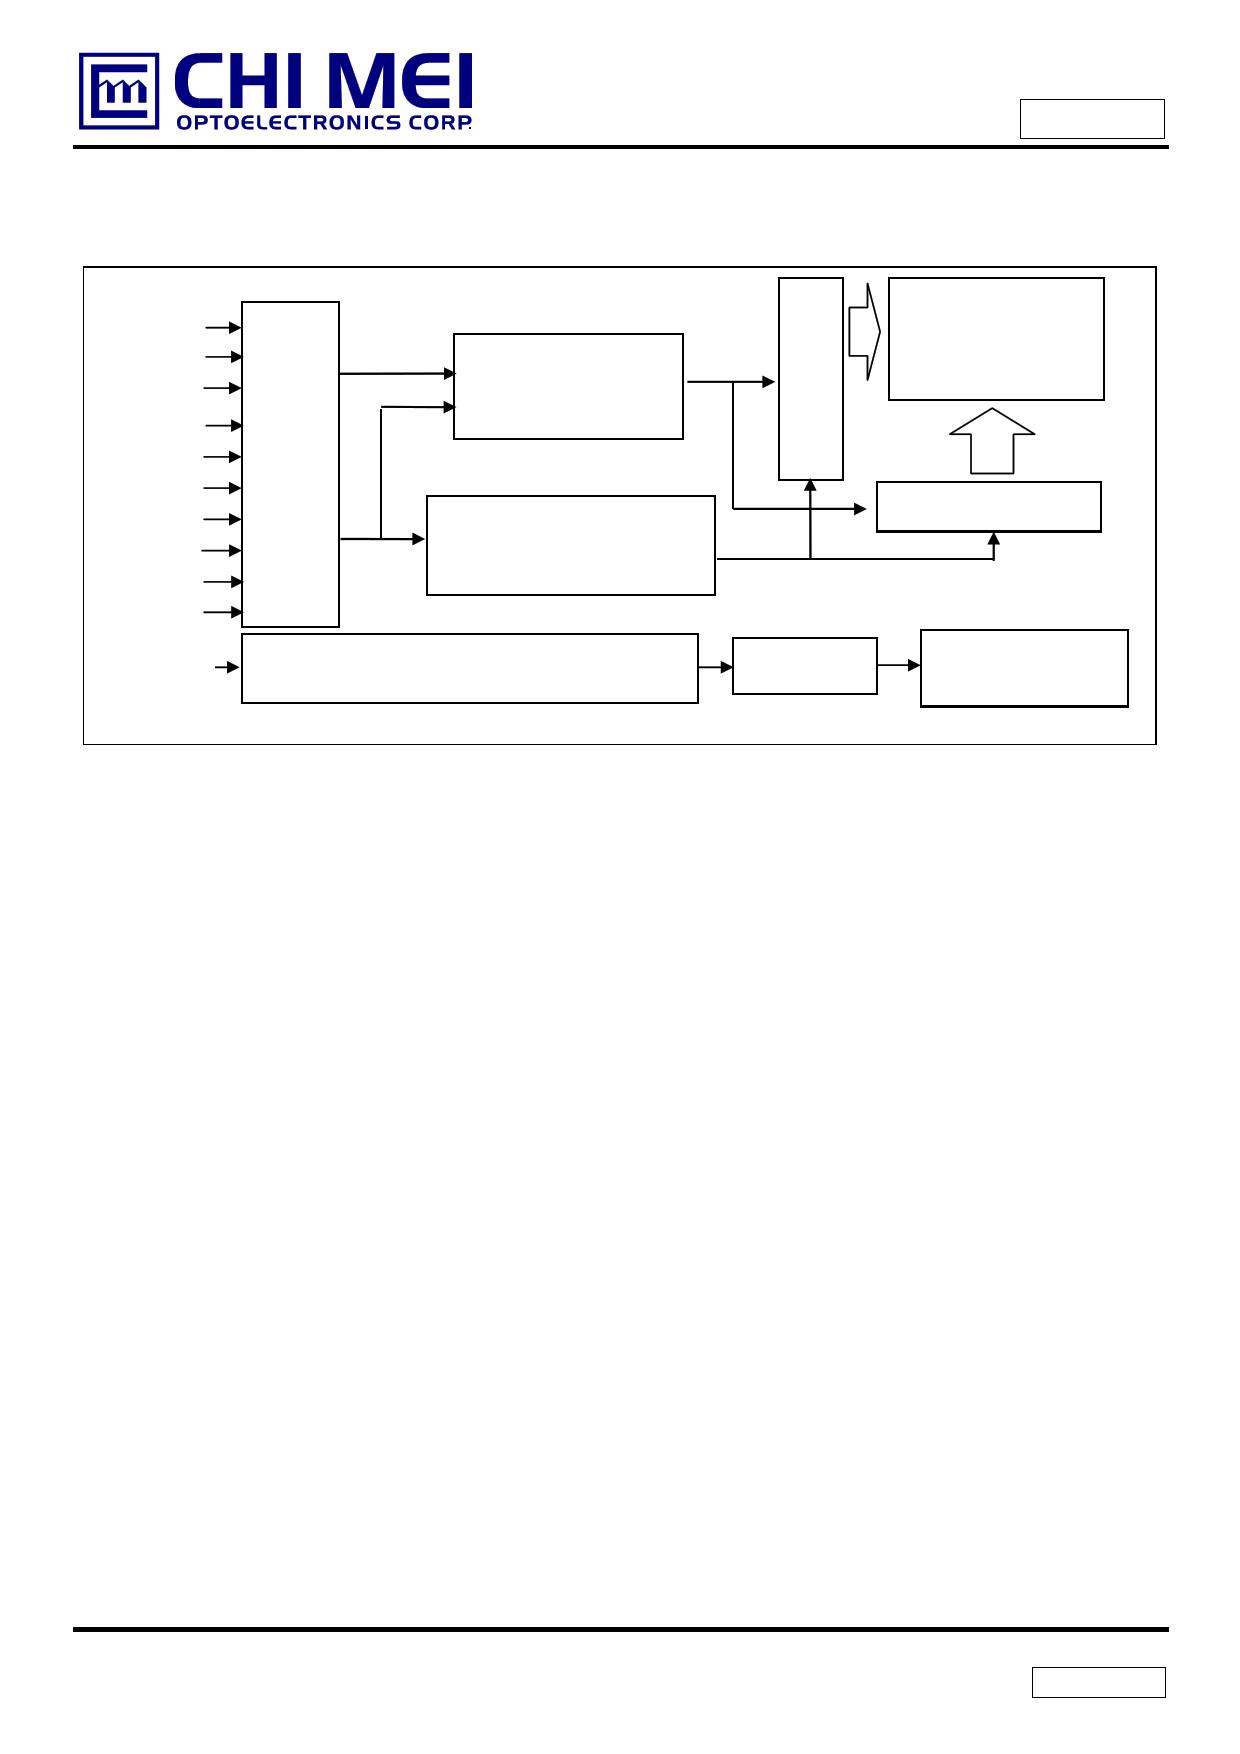 G104S1-L01 arduino